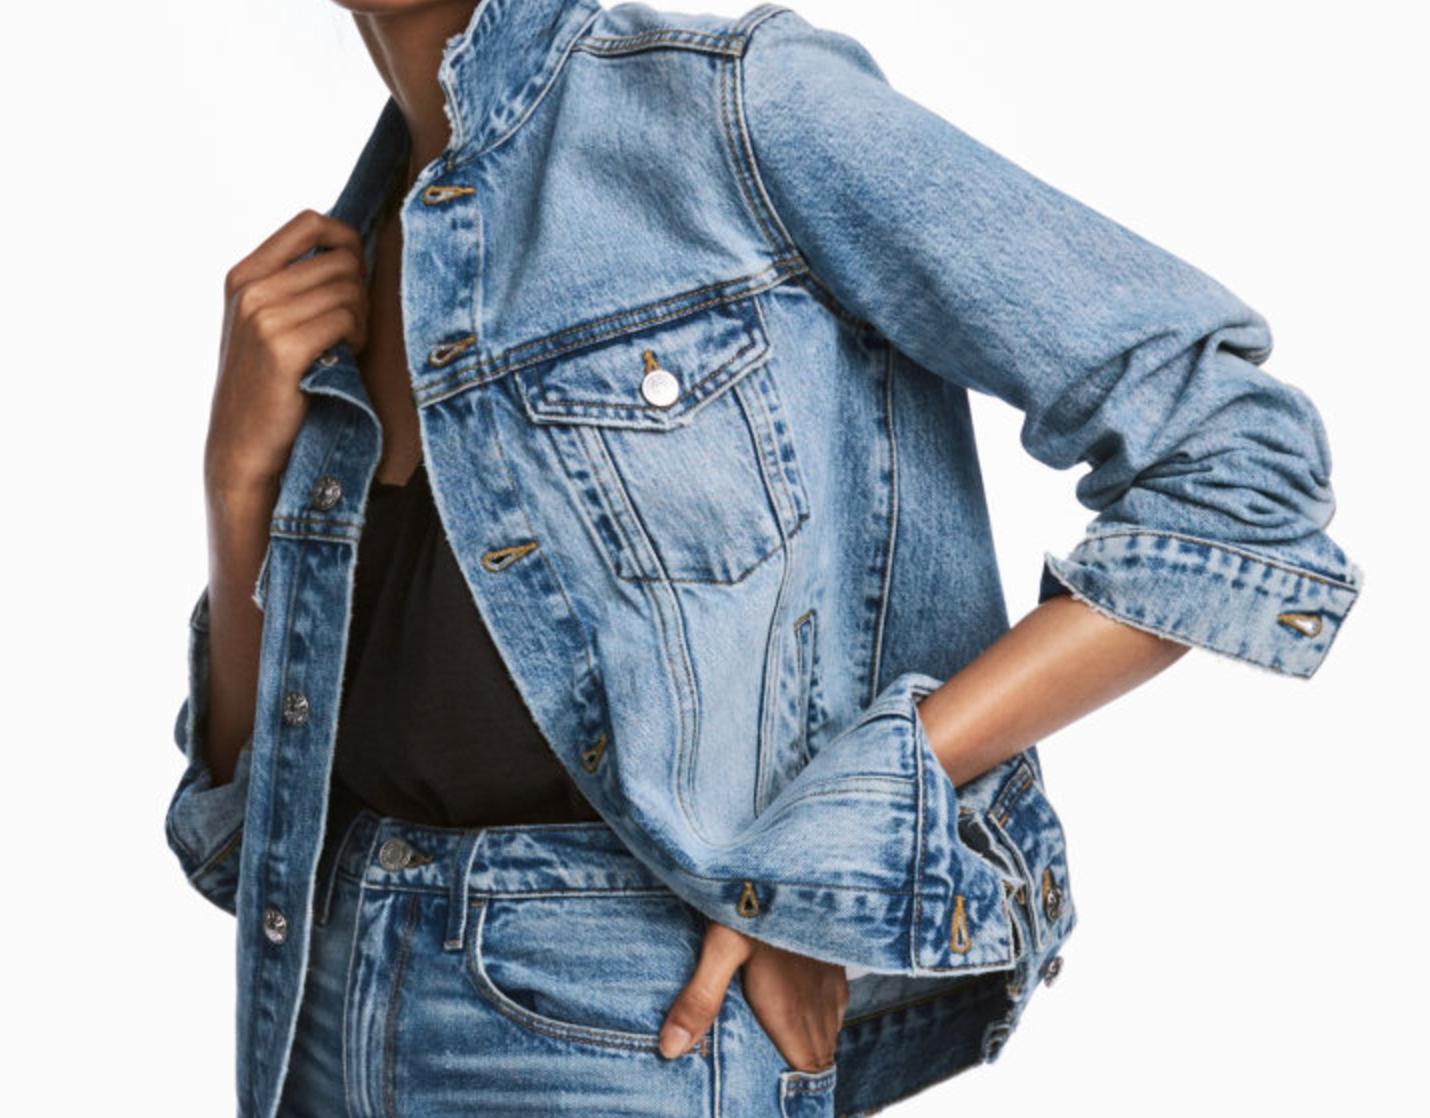 Tanger Outlets H&M denim jacket